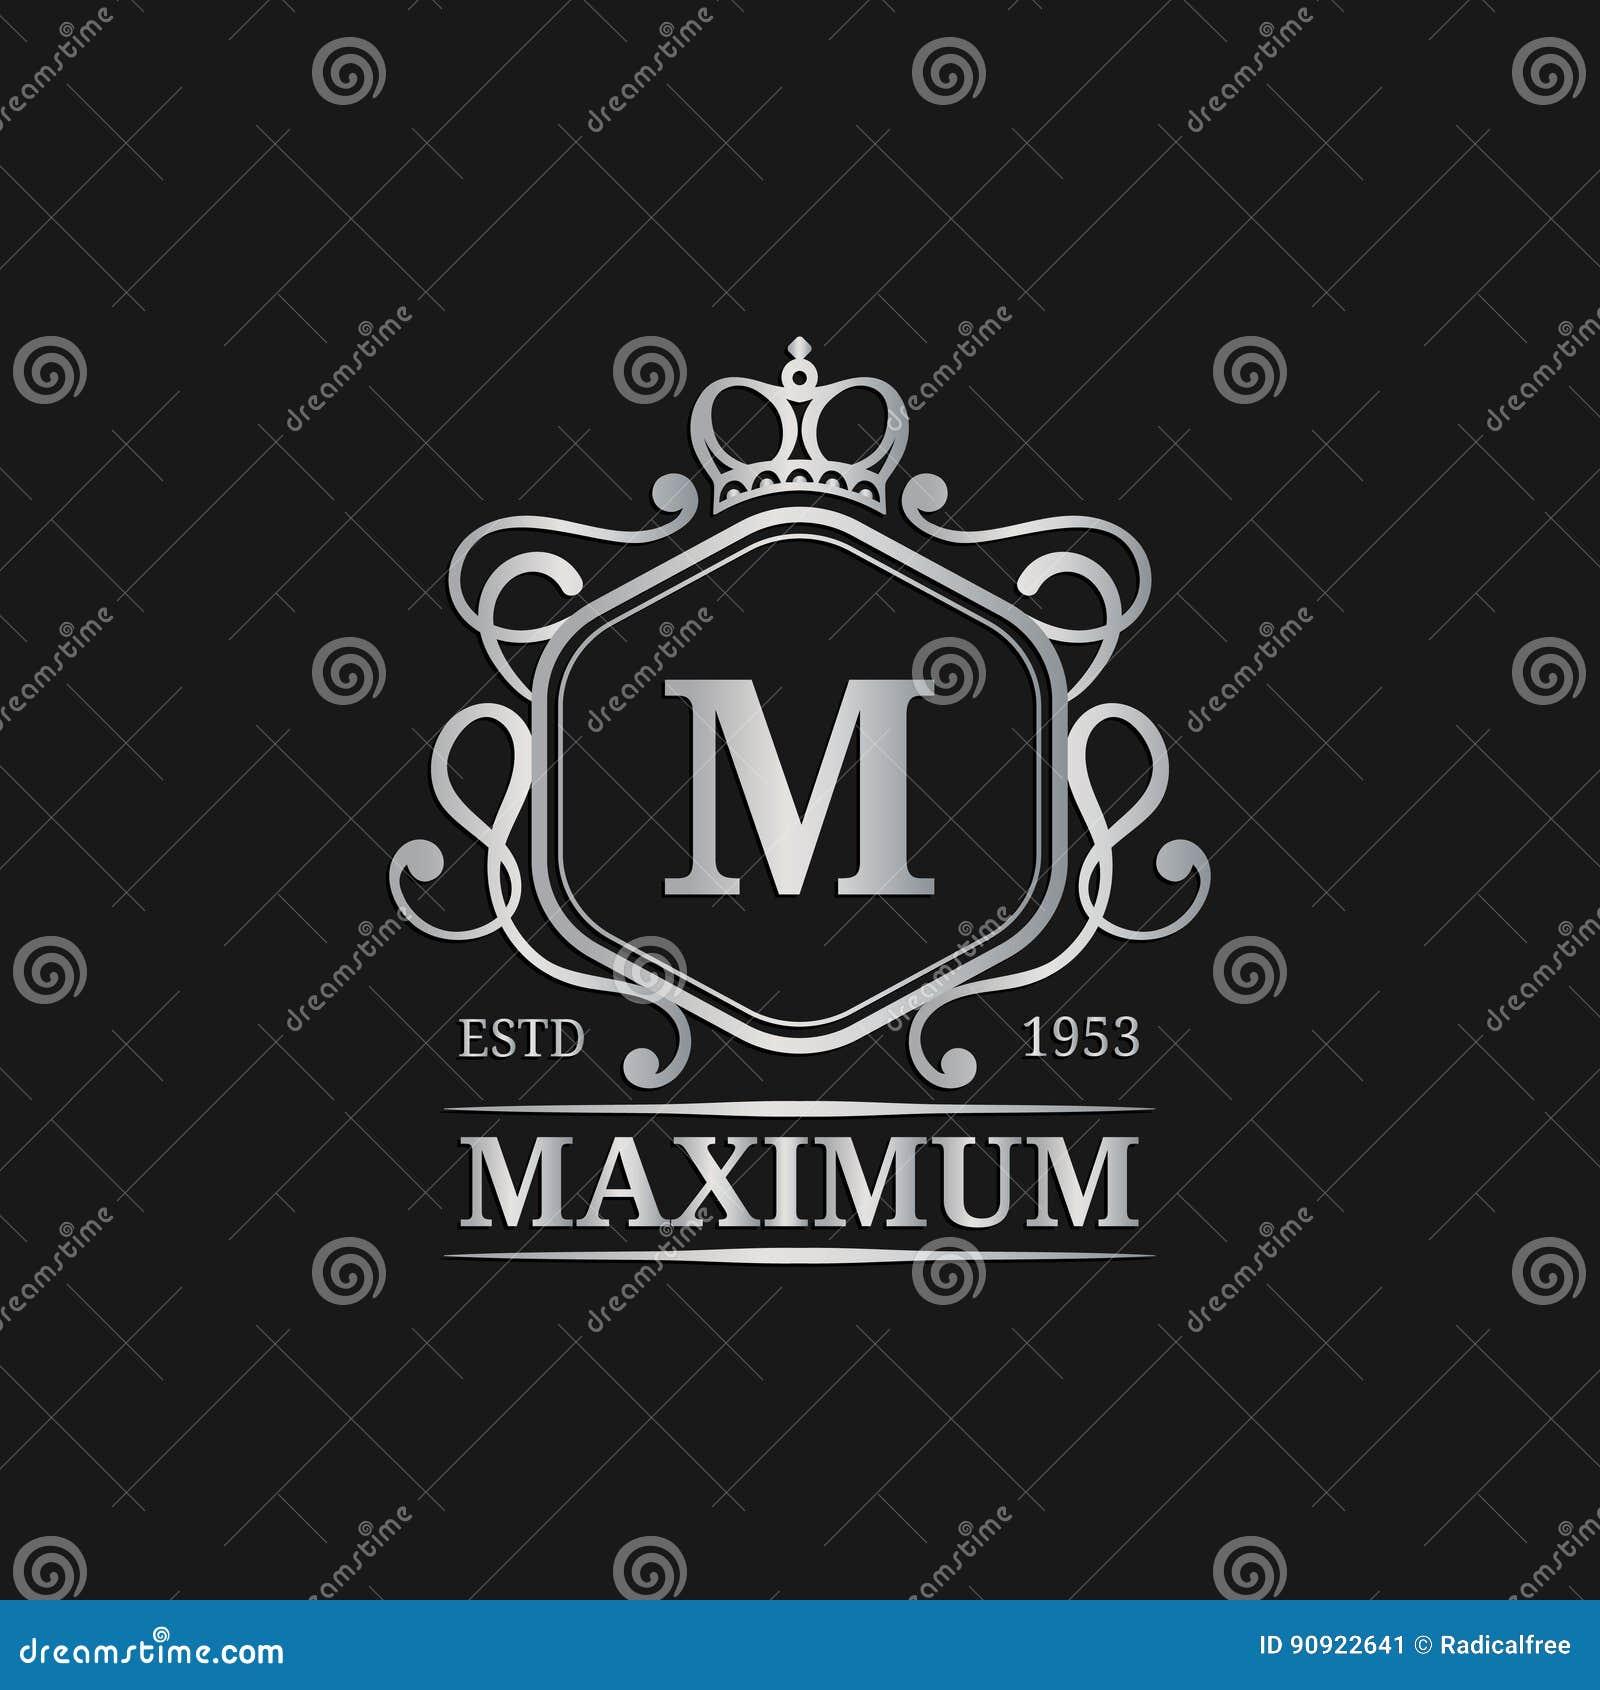 calibre de logo de monogramme de vecteur conception de lettre de luxe caract re gracieux de. Black Bedroom Furniture Sets. Home Design Ideas